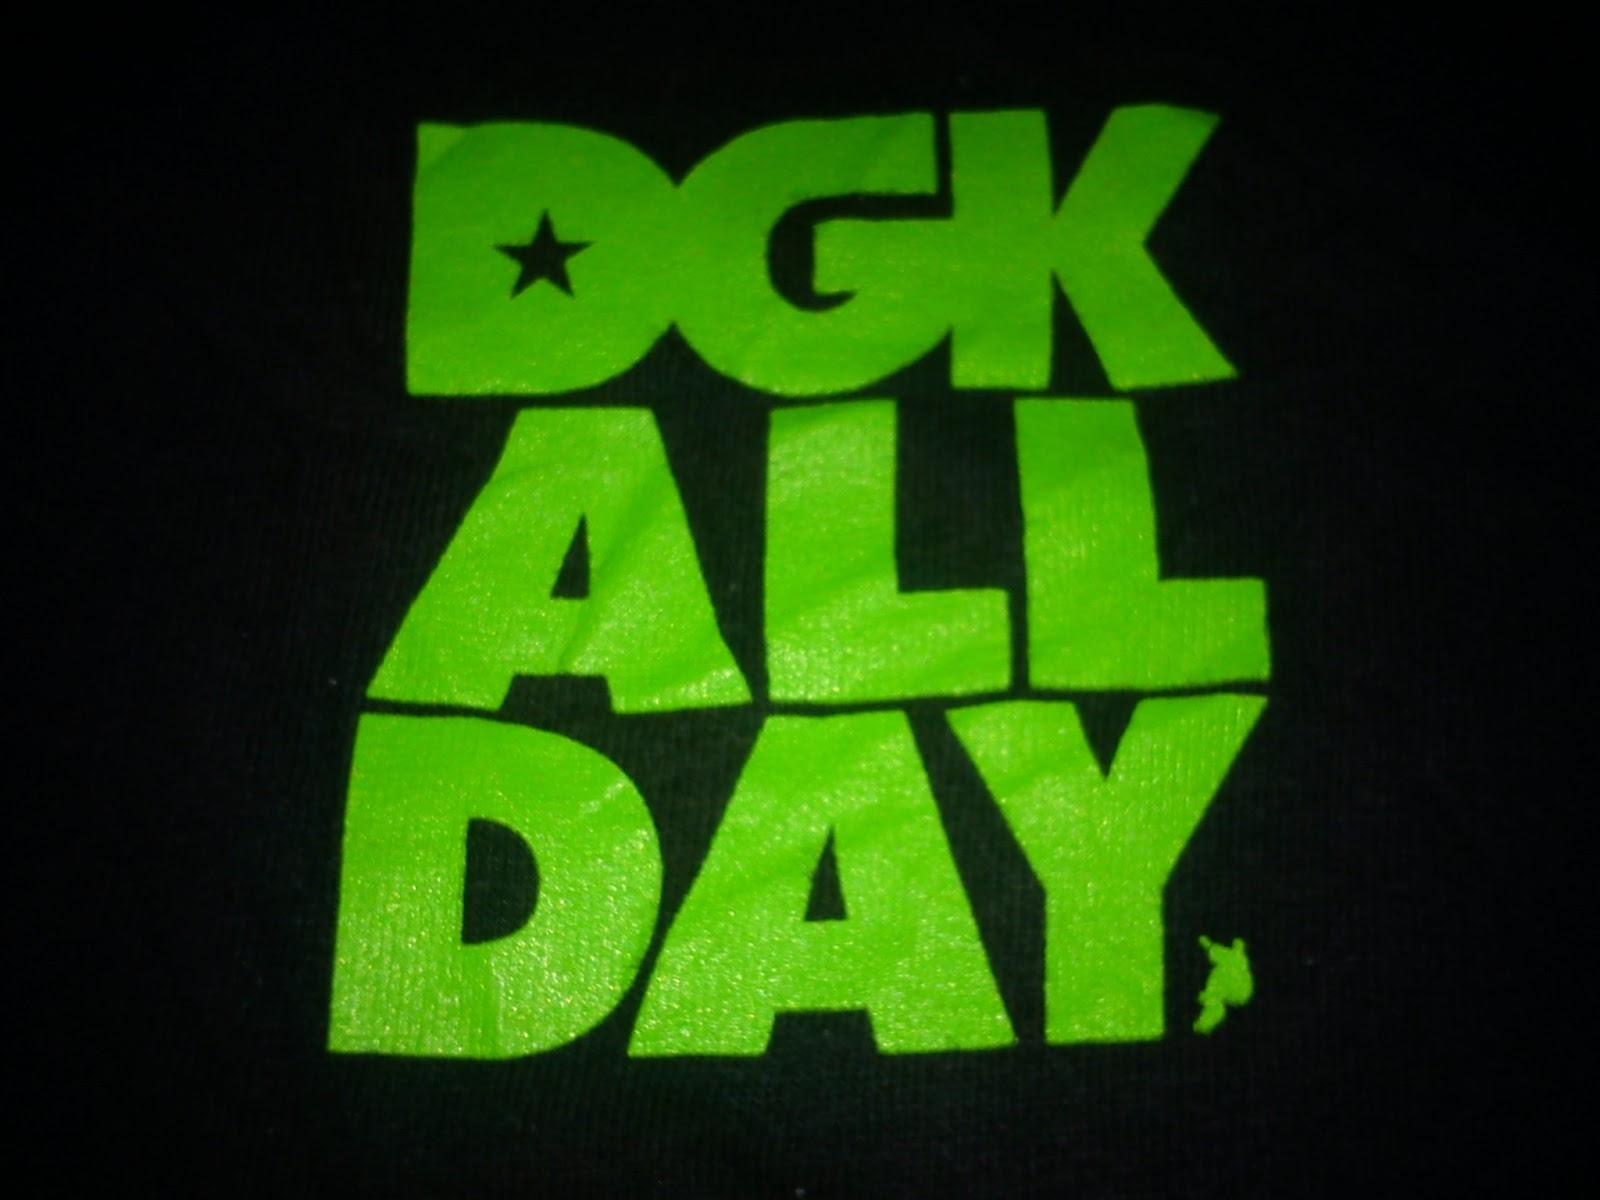 DGK Wallpaper Logo 1600x1200